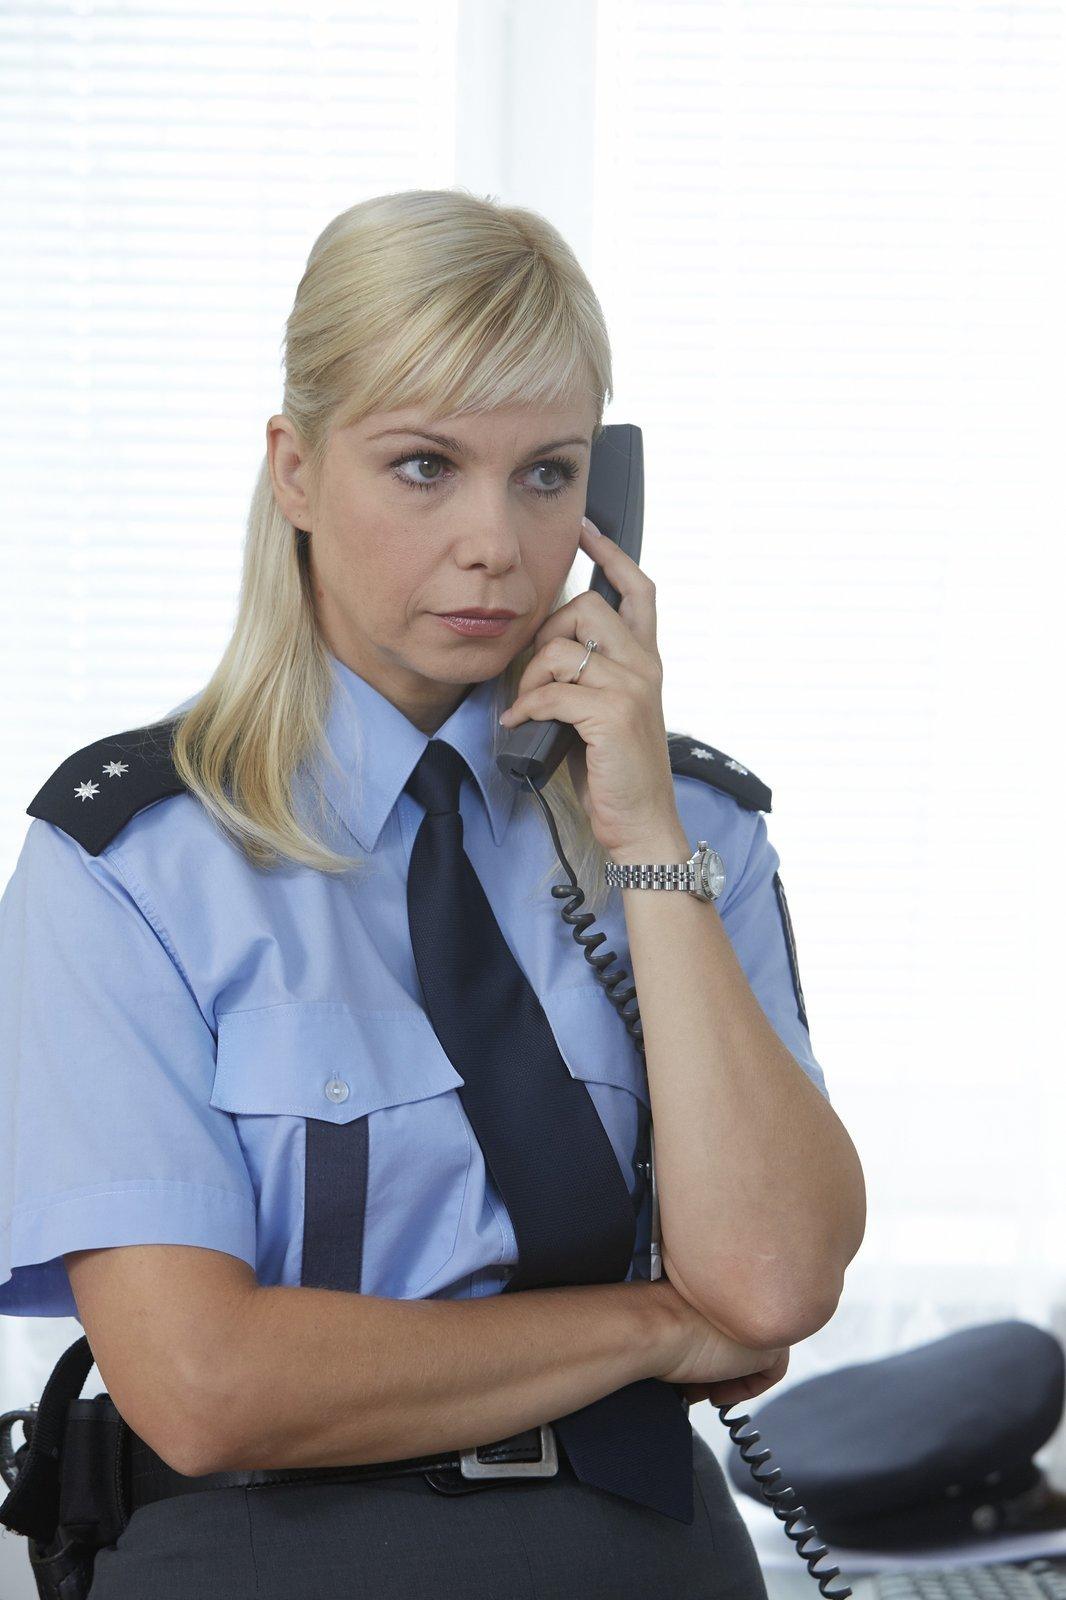 Jako policistka Lucie Krásenská, hvězda seriálu Policie Modrava.